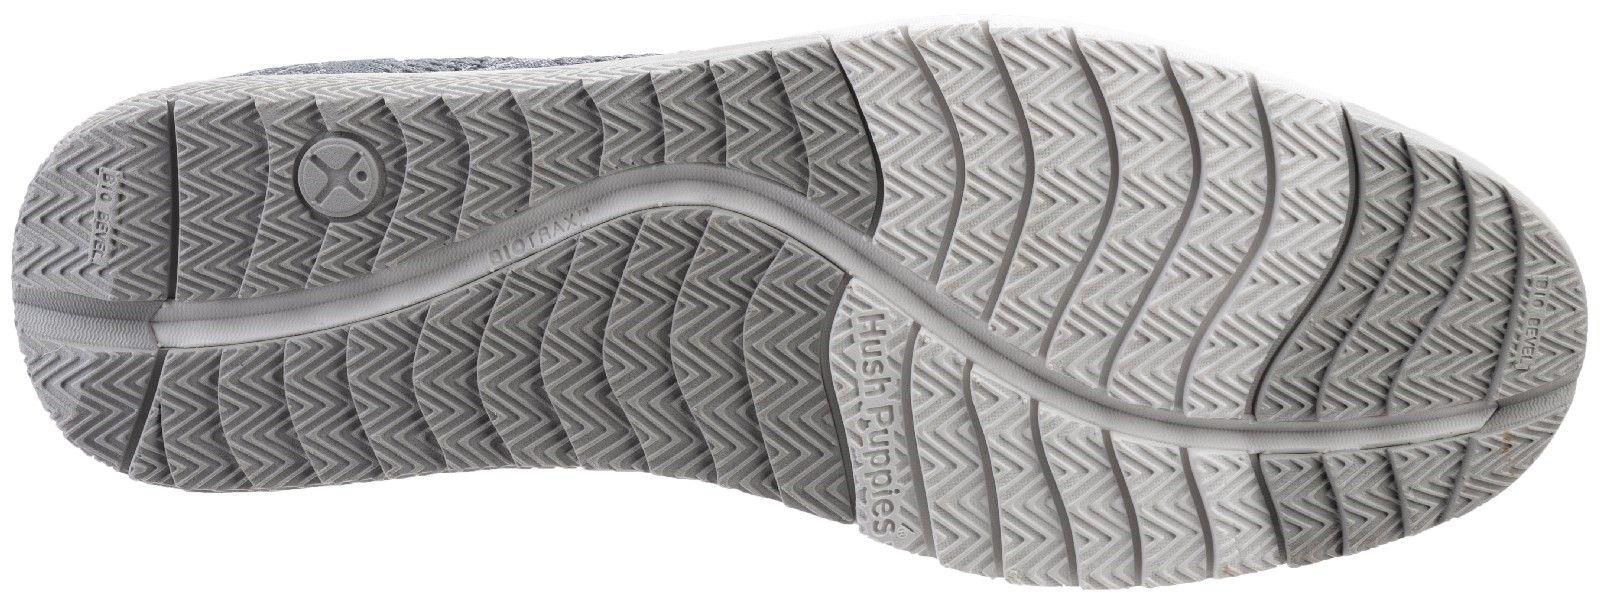 Expert Wingtip Knit BouncePLUS Lace Up Shoe